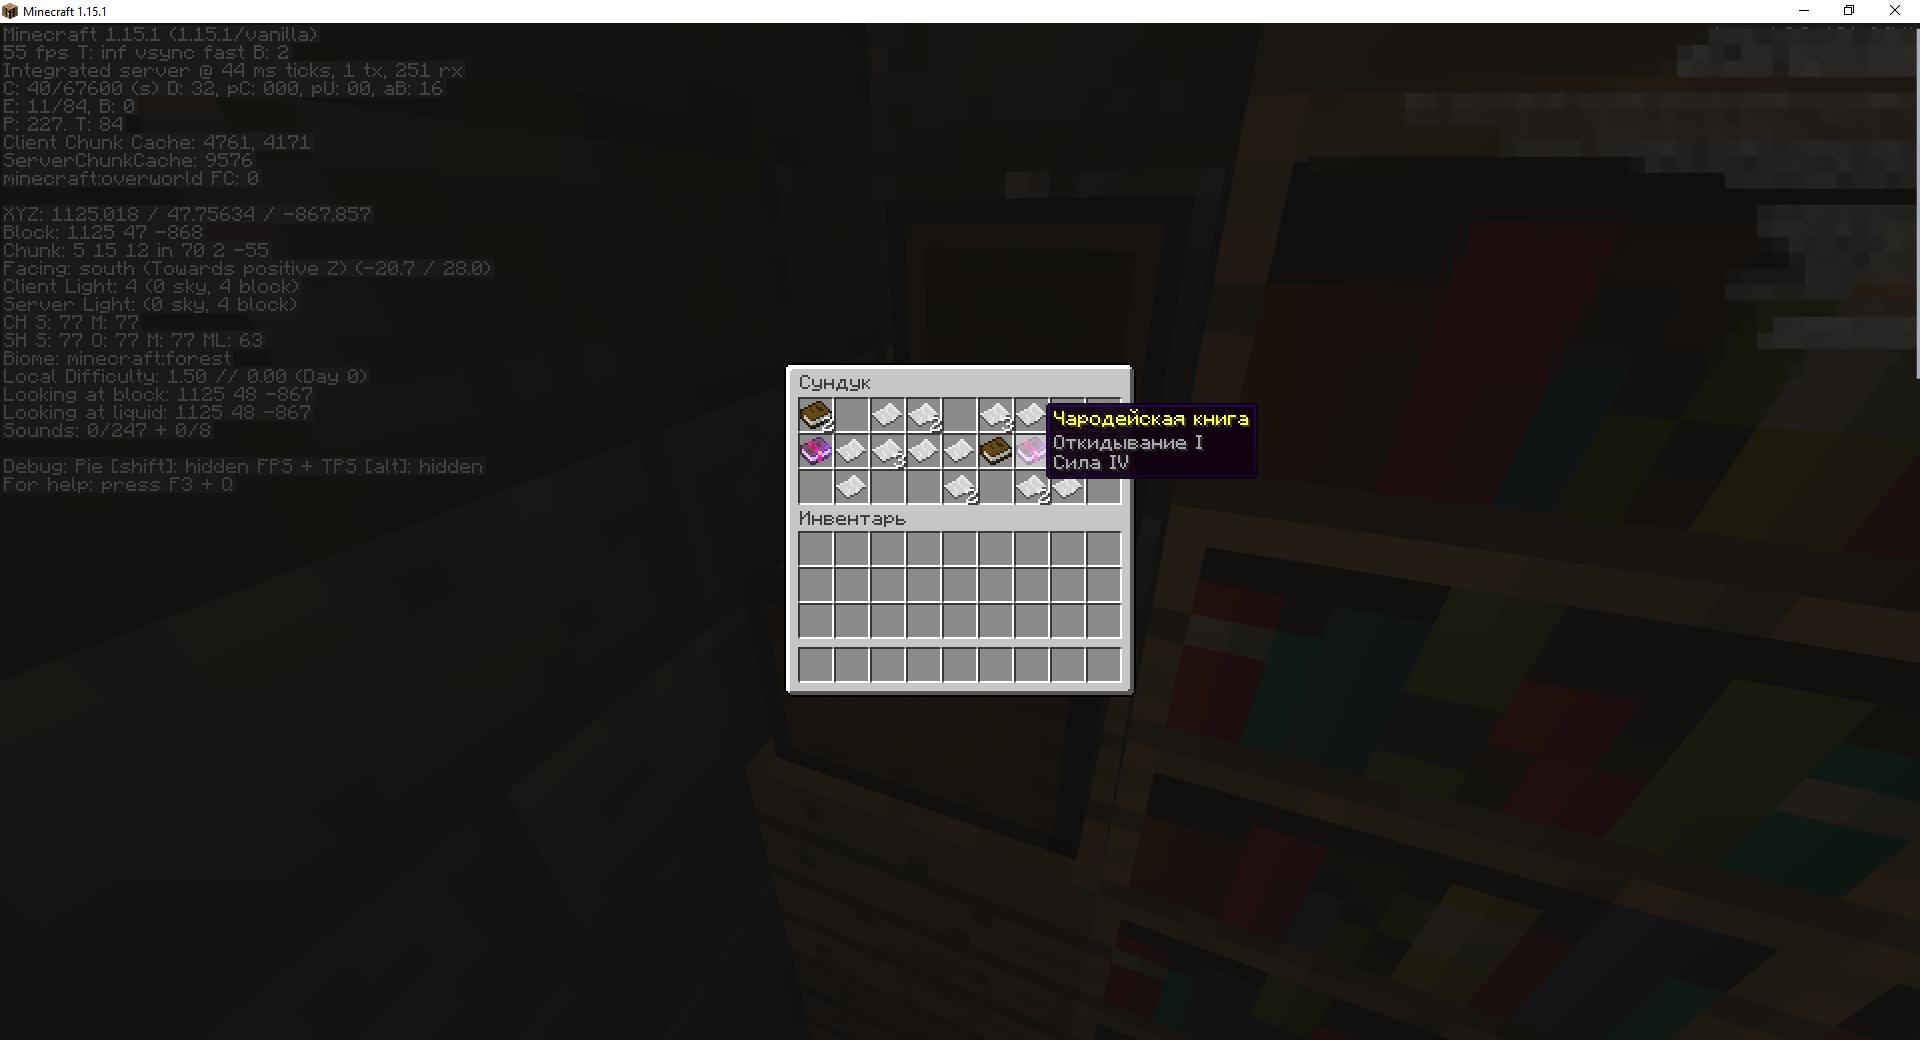 Сид «Подземная крепость ипортал вкрай» - скриншот 9